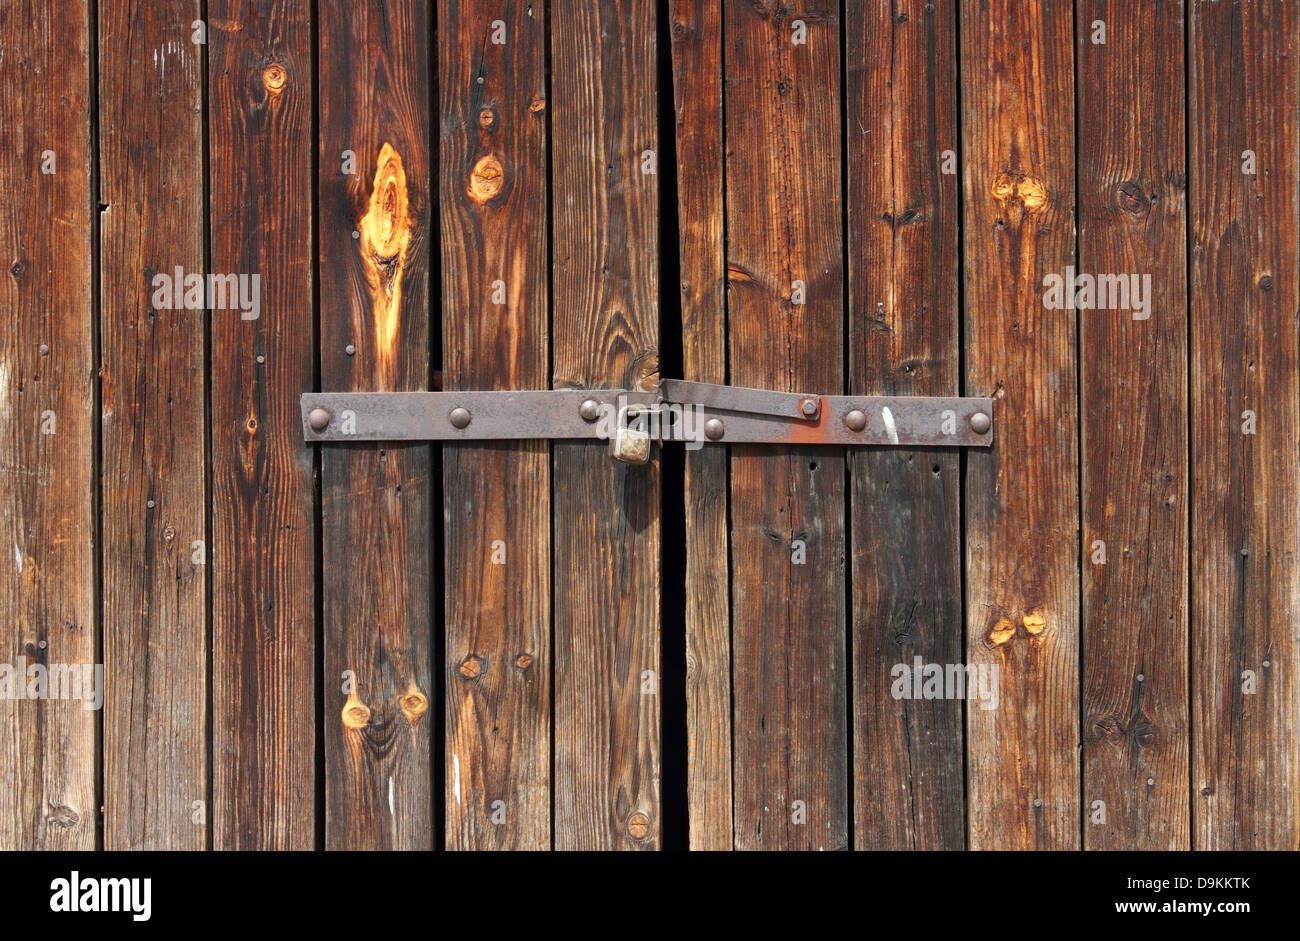 Old Wooden door locked with rusty padlock background. & Old Wooden door locked with rusty padlock background Stock Photo ...